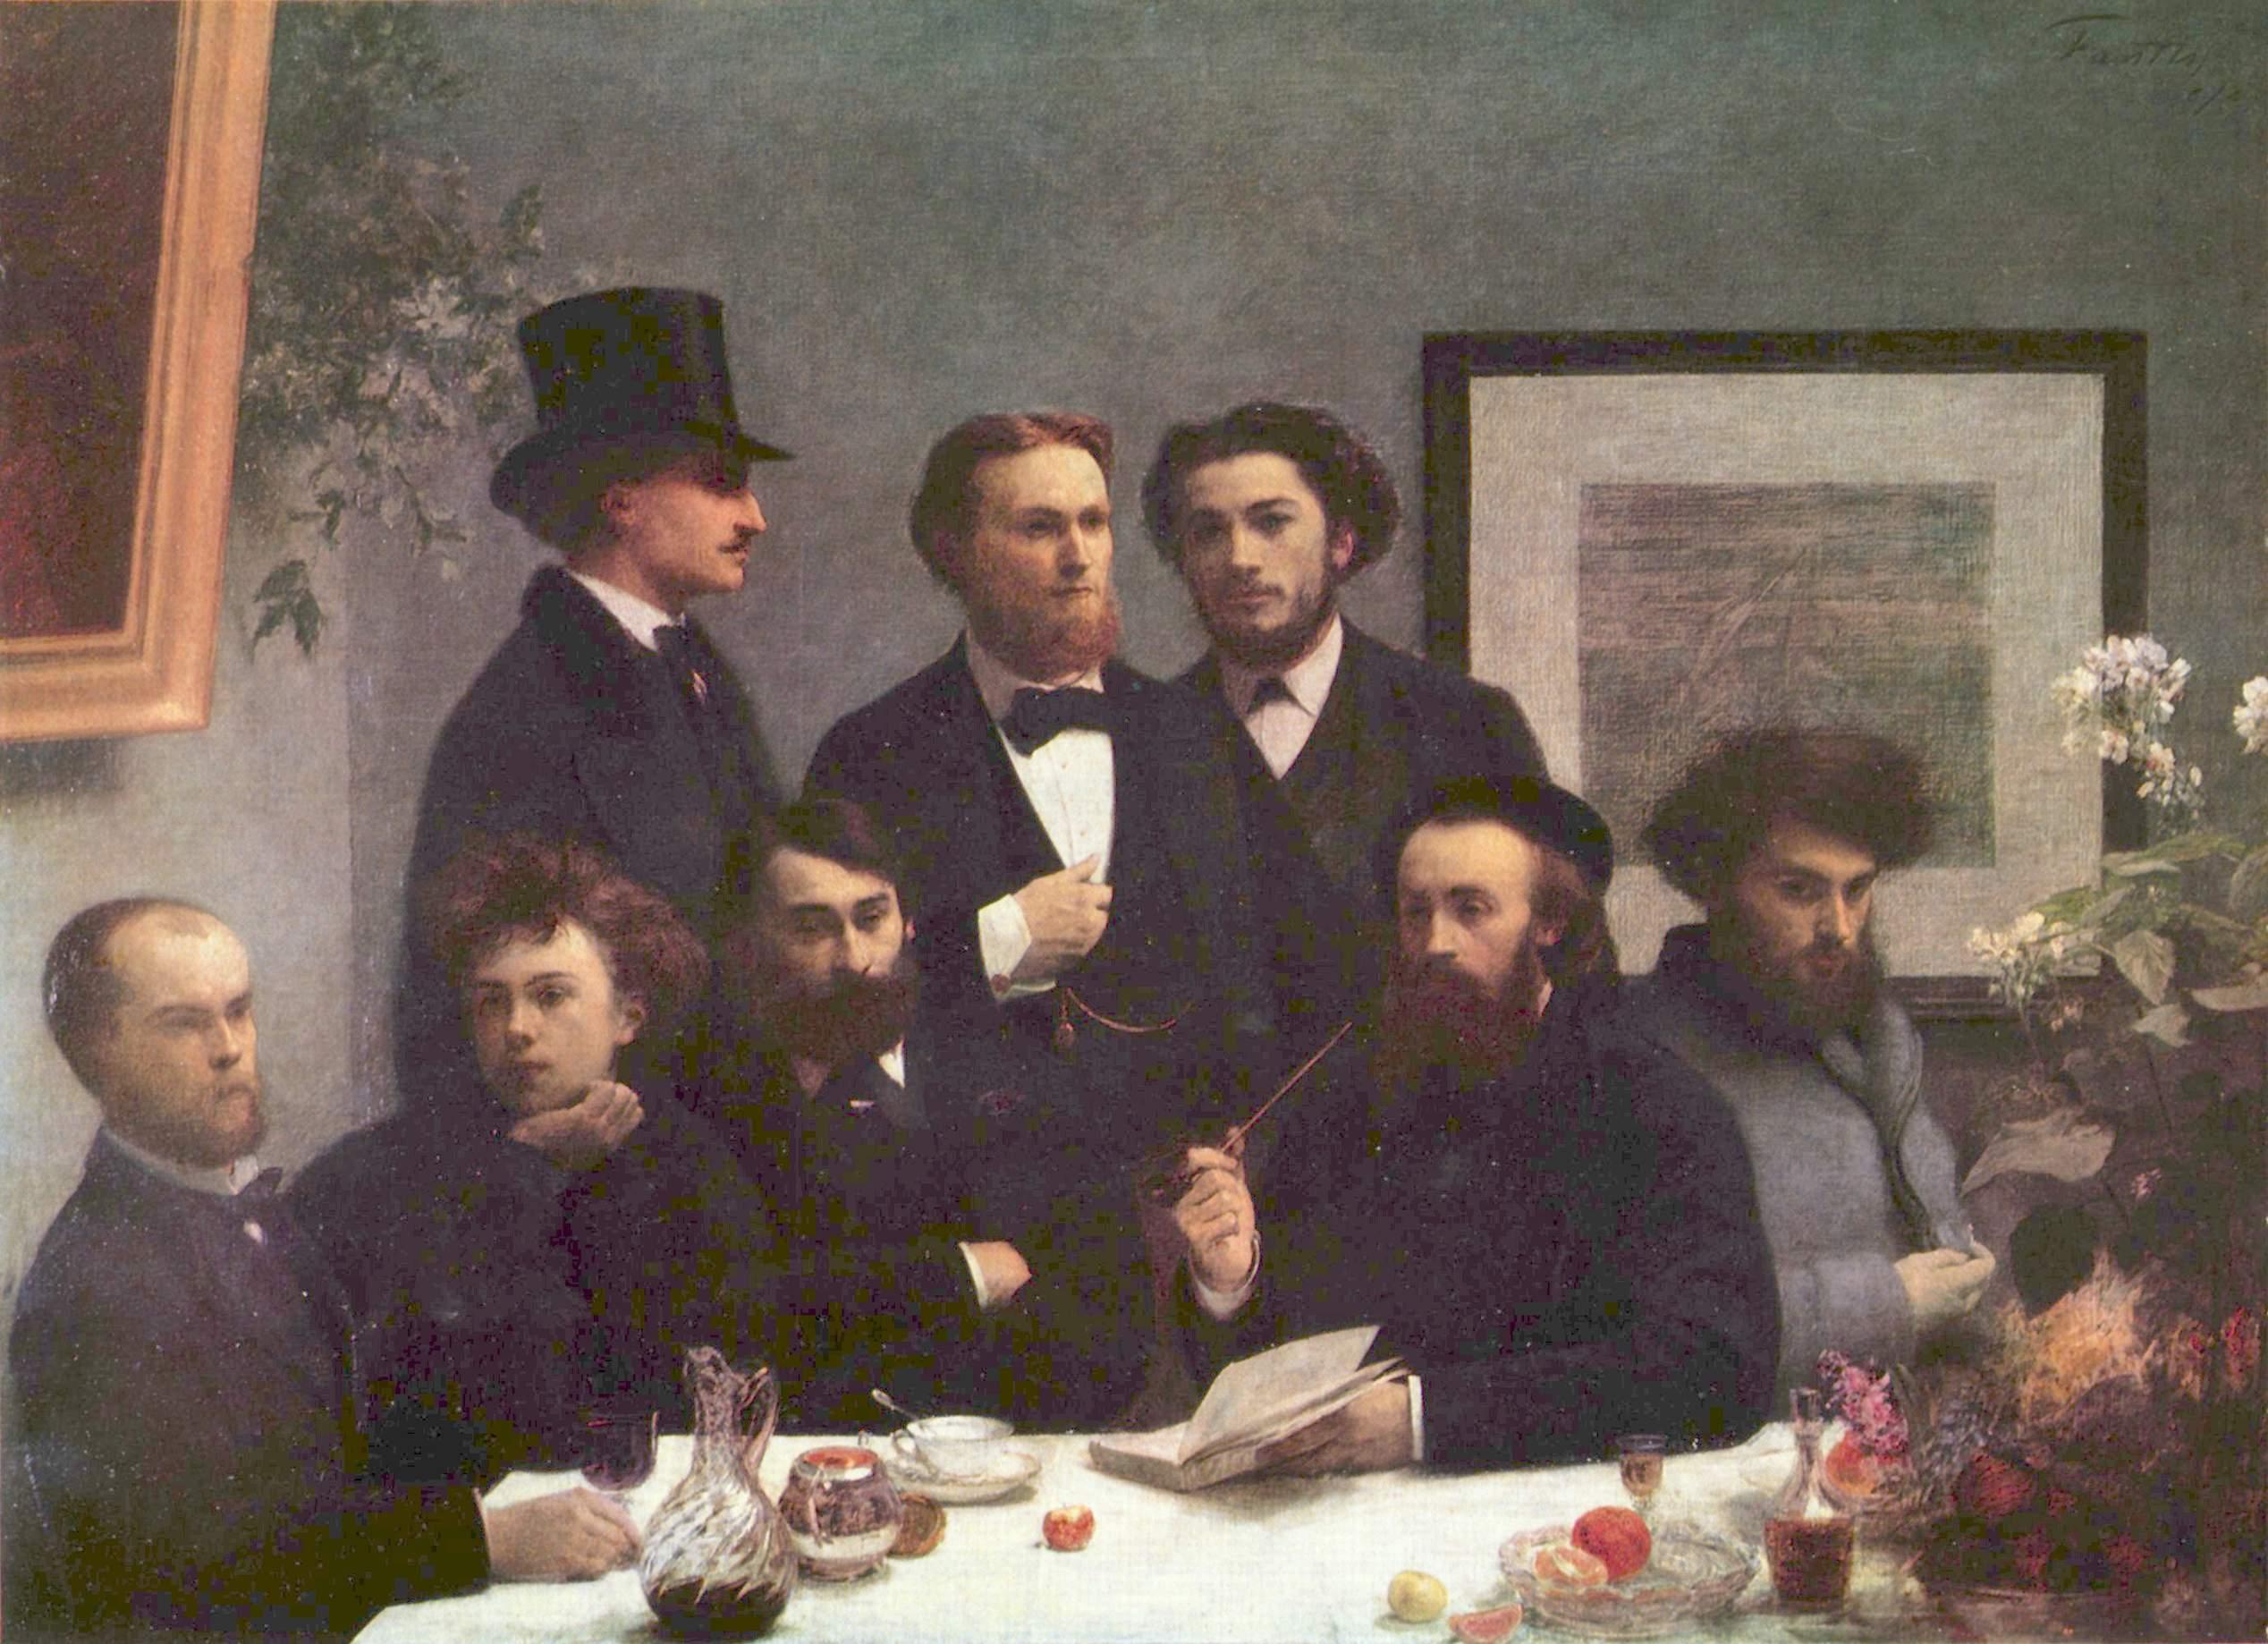 El cuadro Un rincón de la mesa (1872), de Henri Fantin-Latour: a la izquierda aparecen sentados Verlaine (casi calvo) y Rimbaud (con el cabello revuelto).